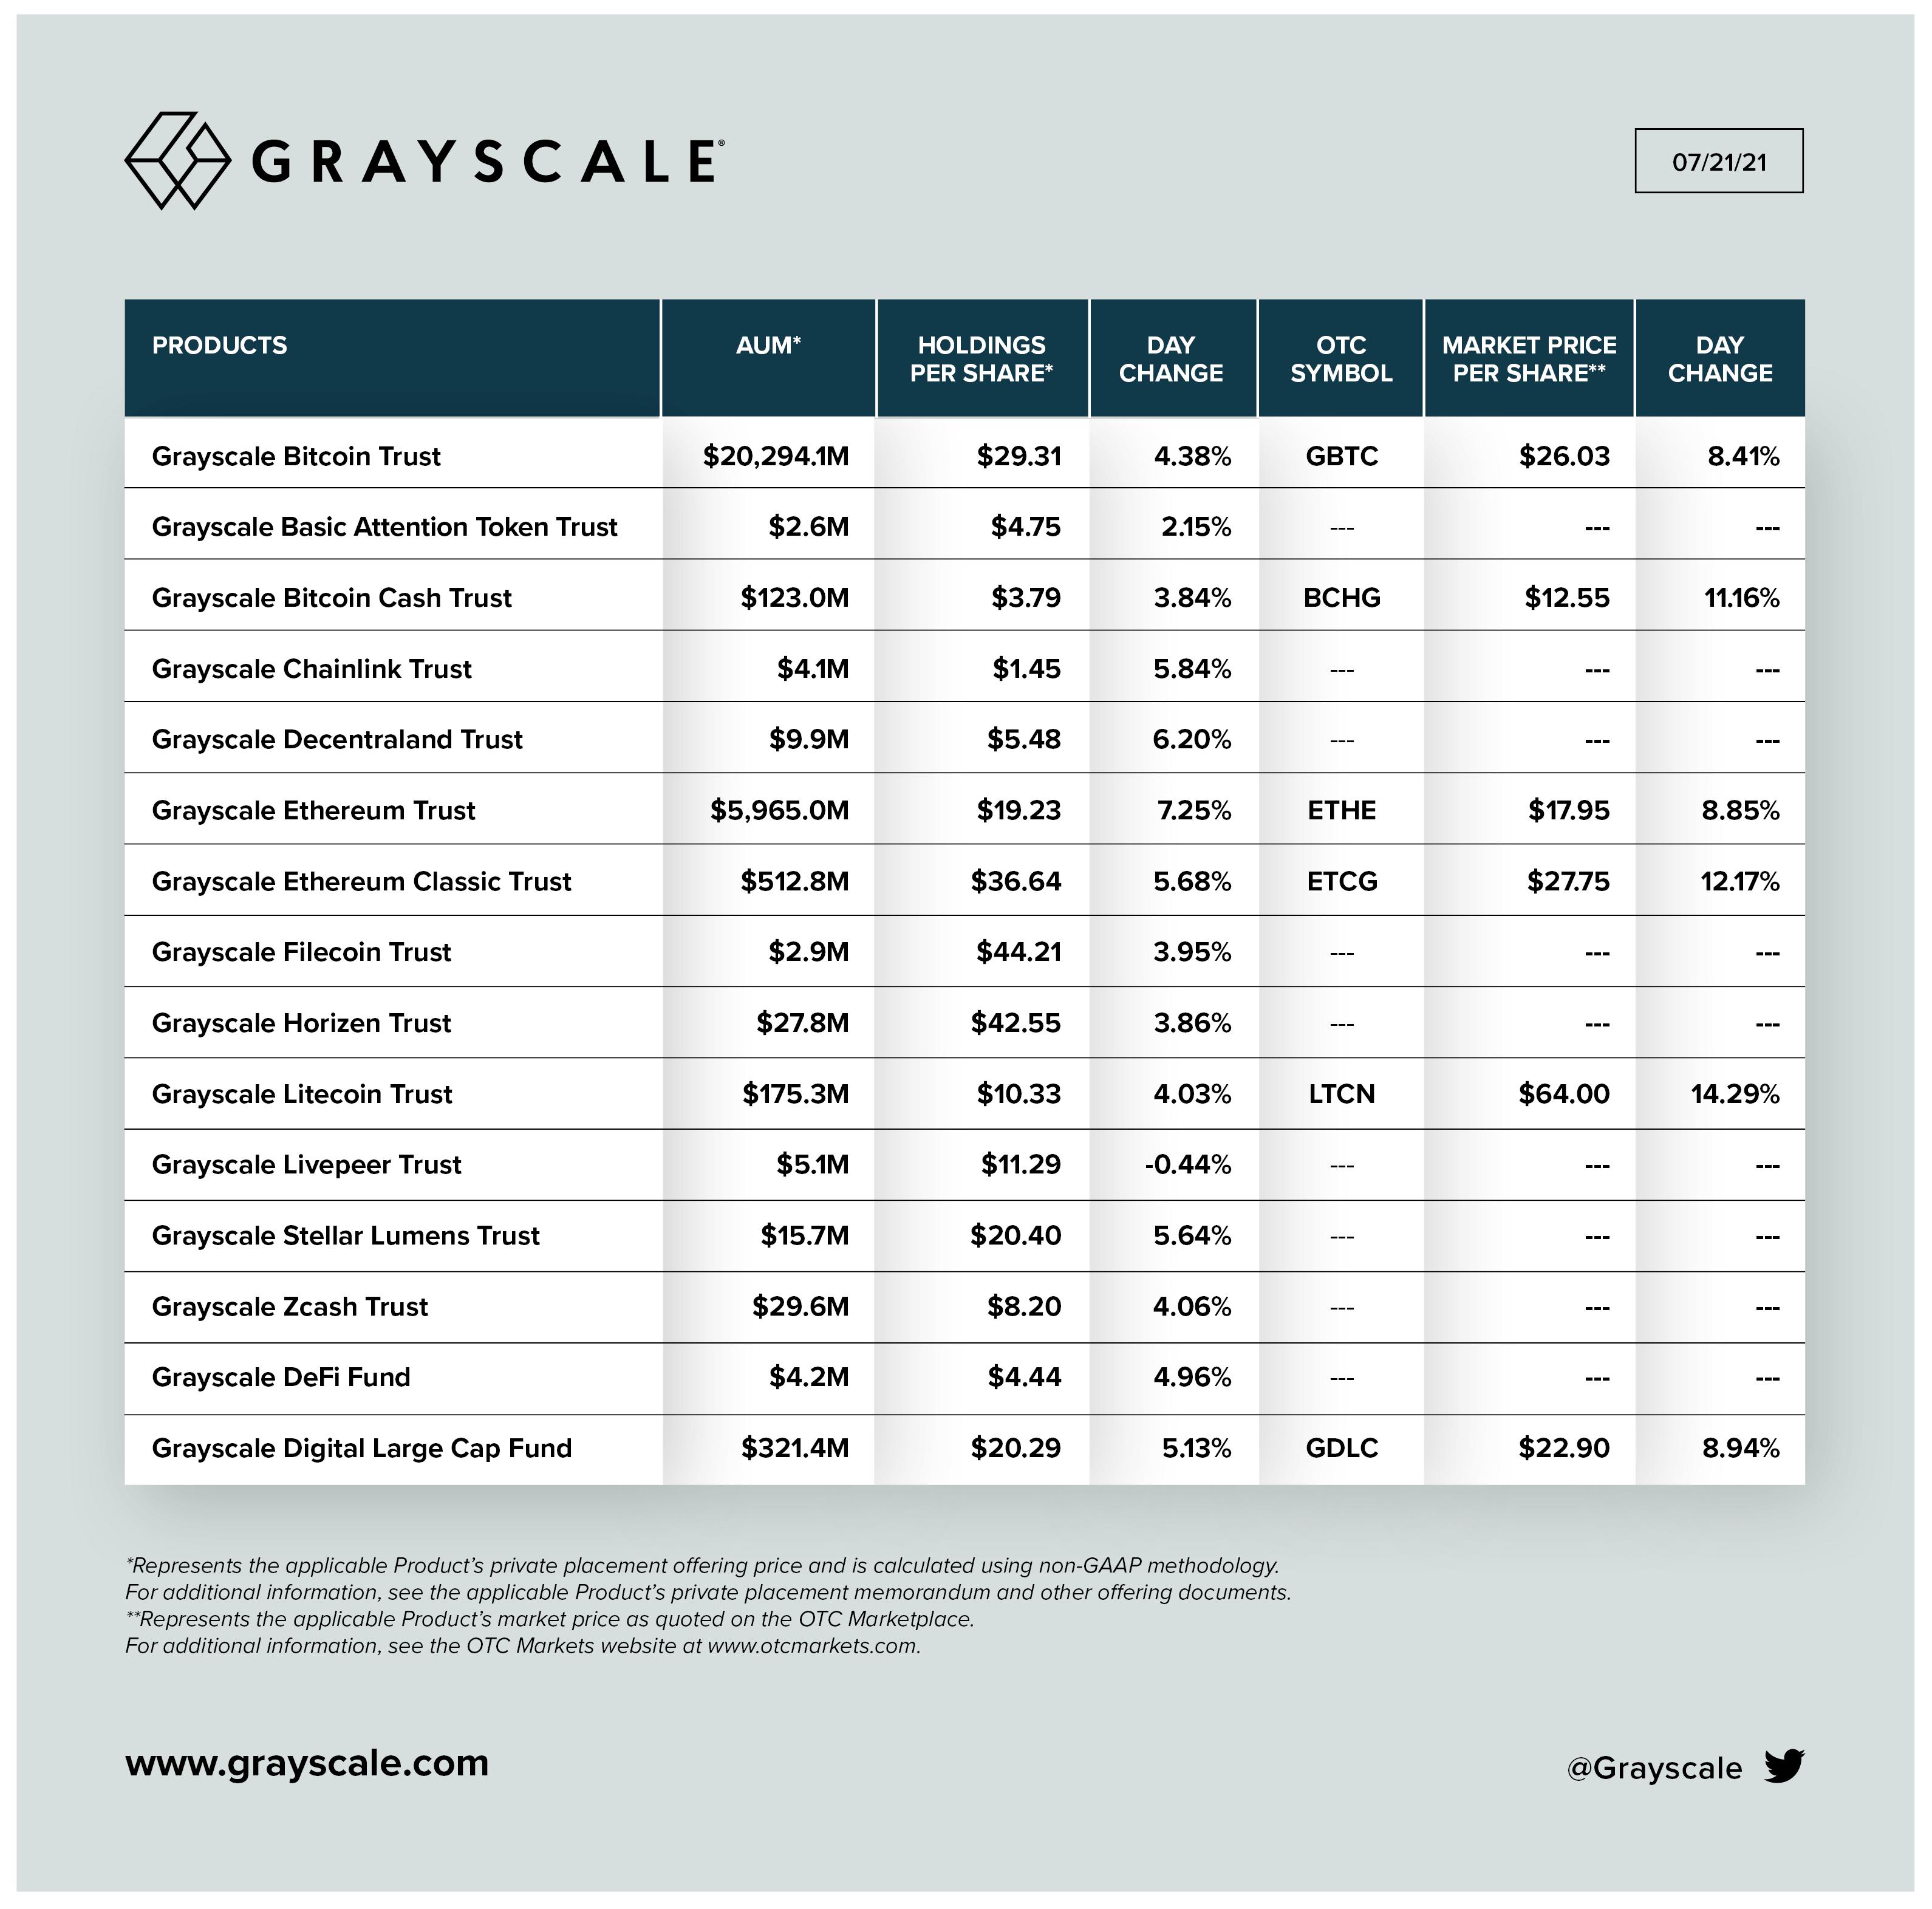 Grayscale криптовалюты инвестиции